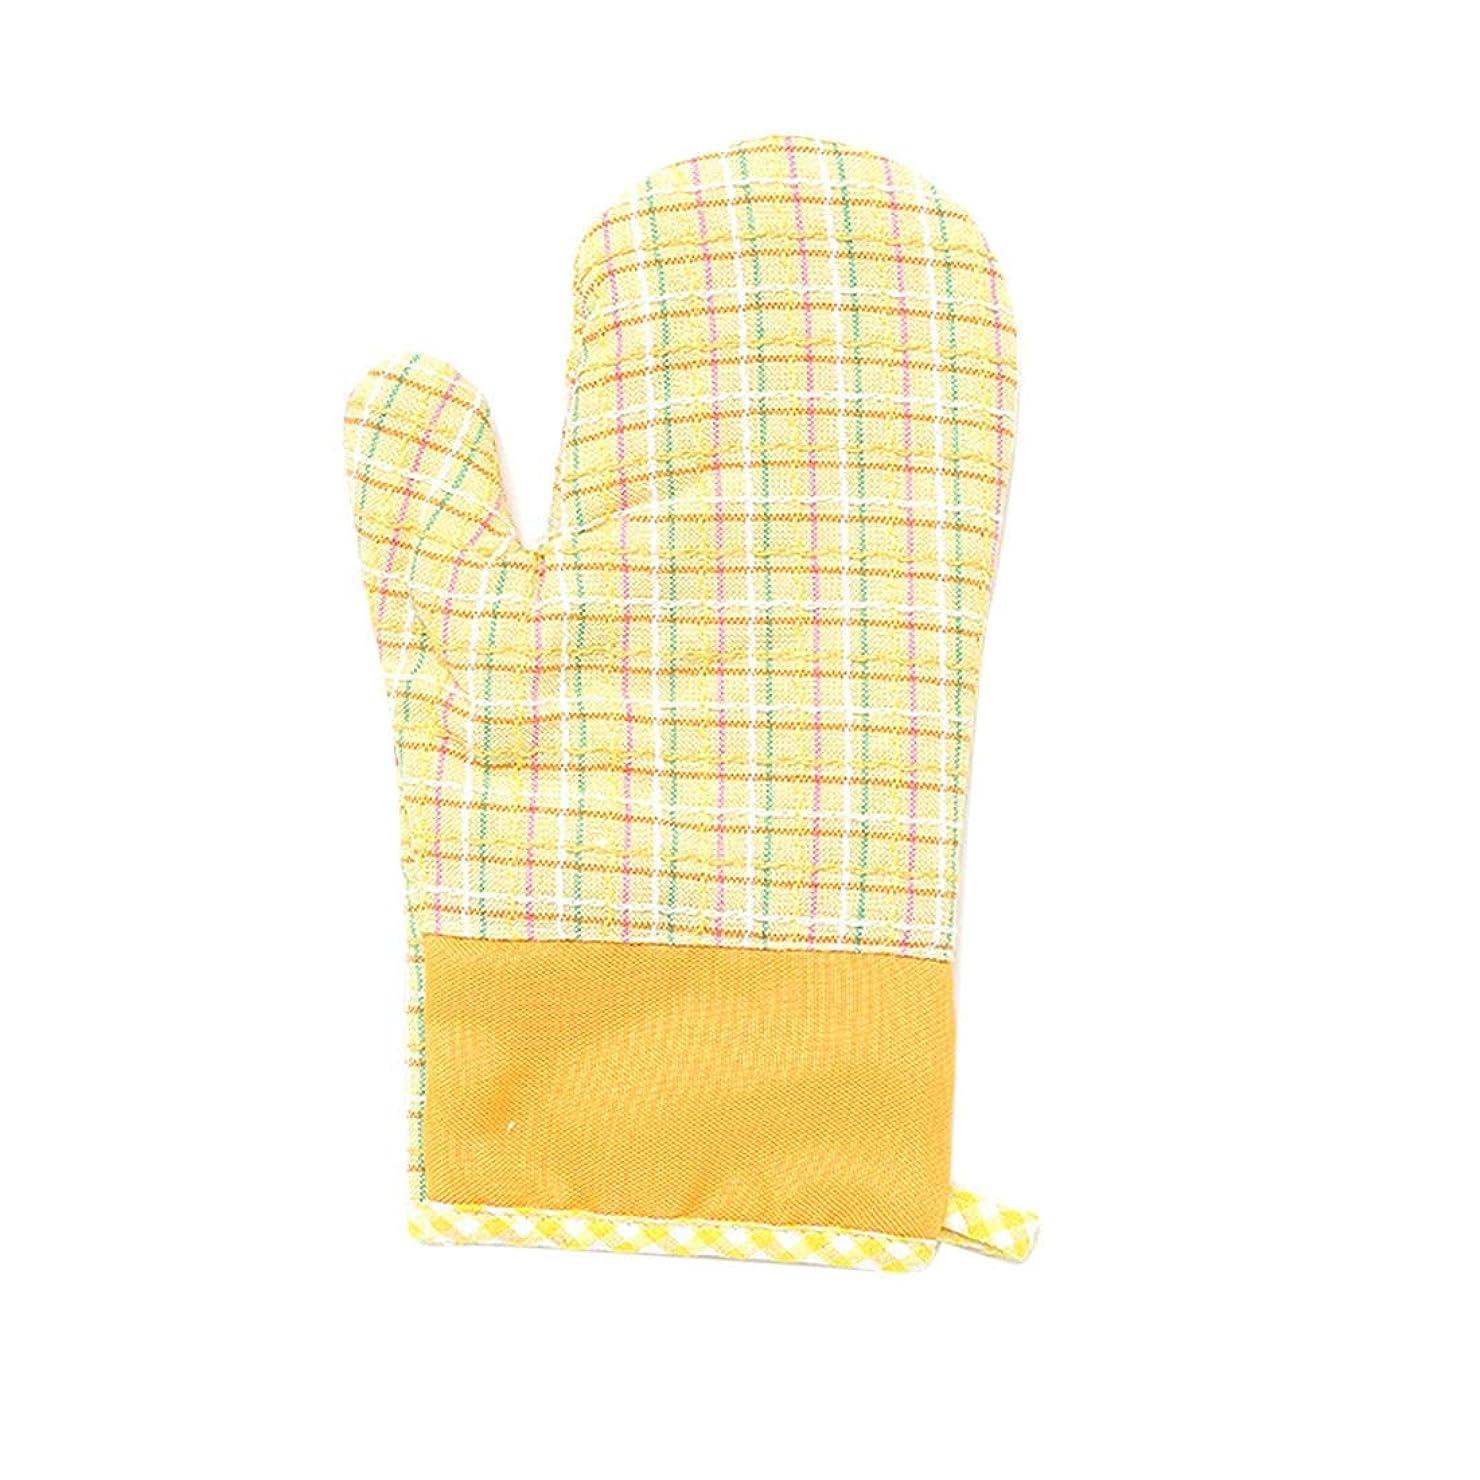 ブラインド違う風邪をひくXianheng1 電子レンジ手袋 手袋 電子レンジ 断熱手袋 耐熱手袋 キッチン用手袋 調理用手袋 キッチン手袋 耐熱ミトン 焼き付き防止手袋 断熱火傷防止 焼け止め 2個 イエロー